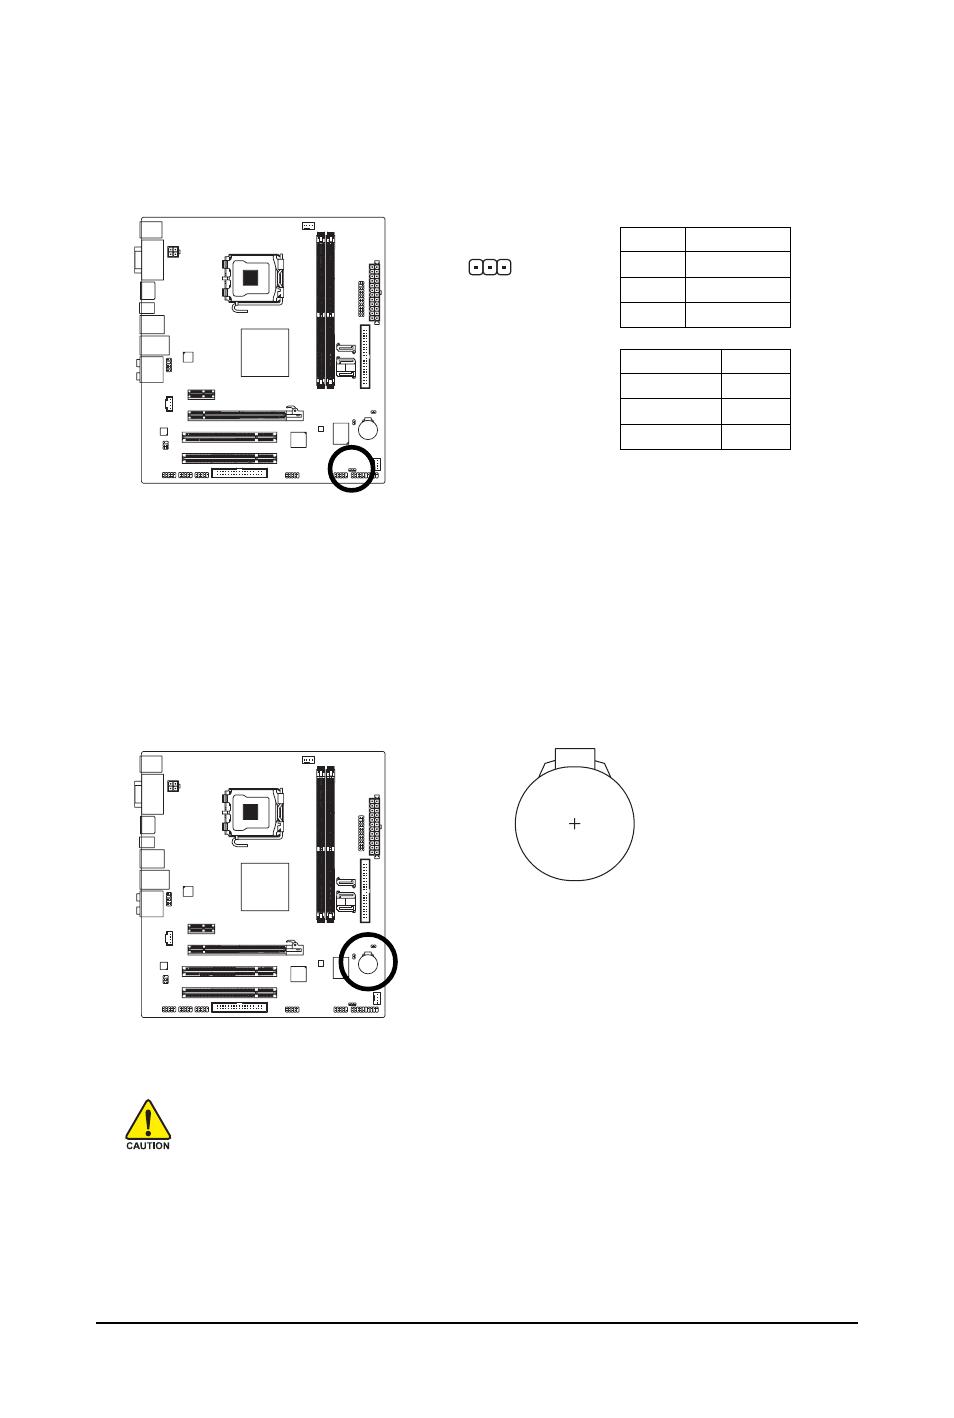 8) pwr_led (system power led header), 9) battery | GIGABYTE LGA775